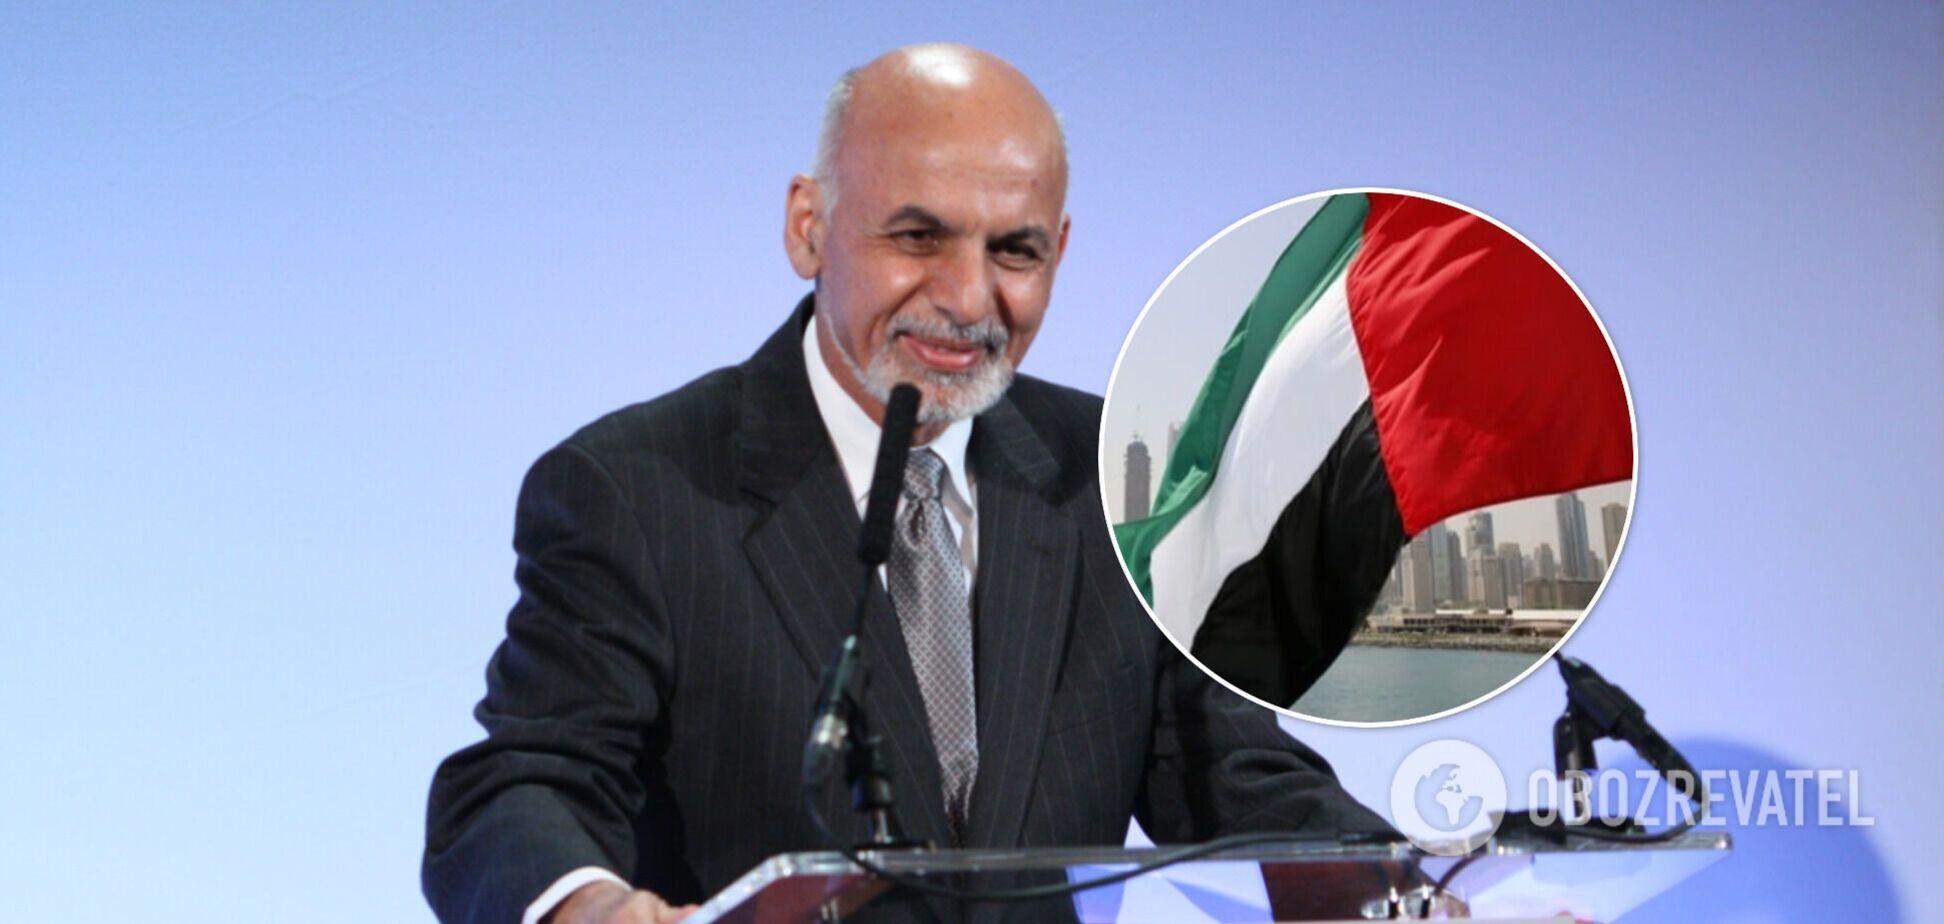 Президент Афганістану отримав притулок в ОАЕ і звернувся до нації. Відео